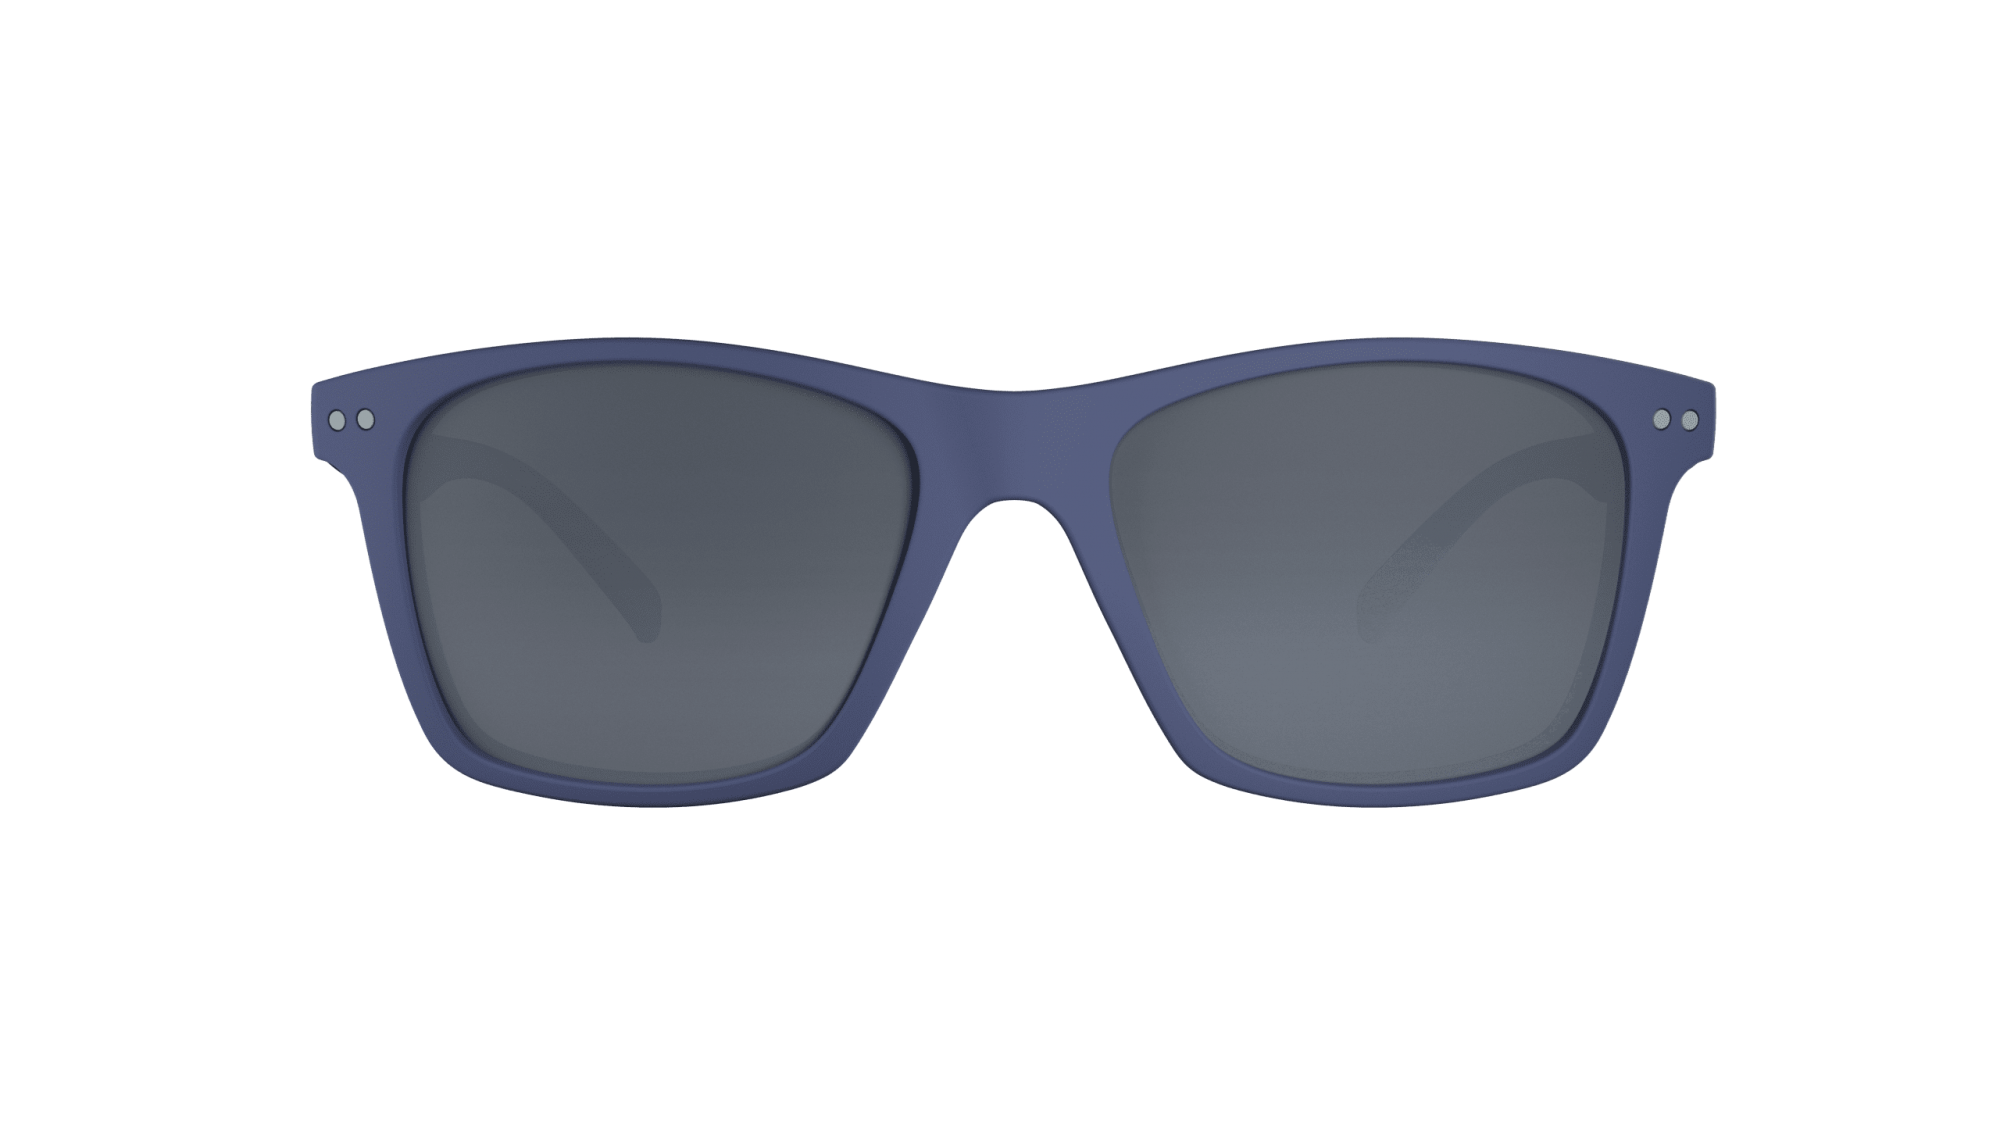 Óculos Nevermind HB Matte Navy Gradient Gray